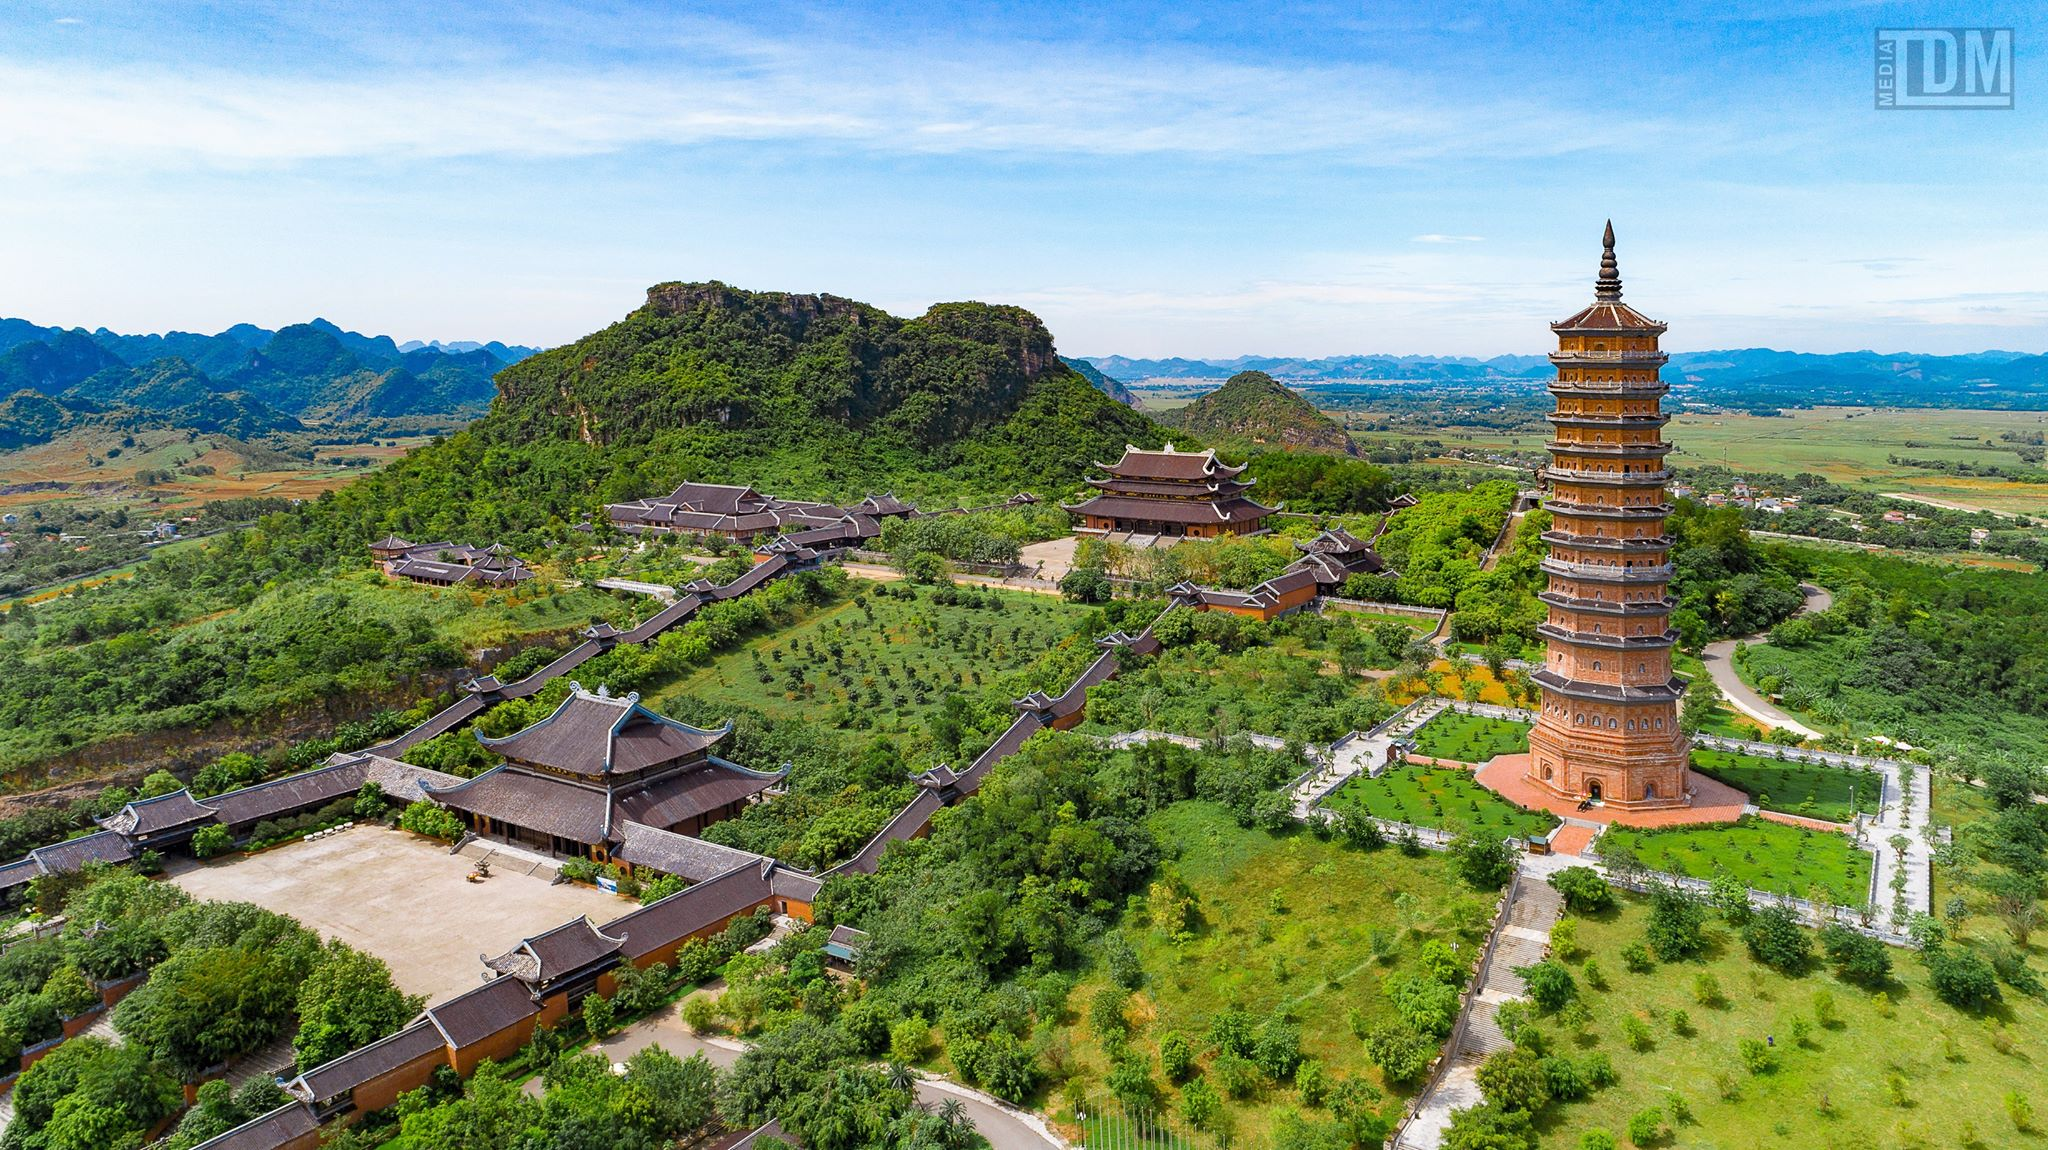 Du lịch Bái Đính - Ninh Bình